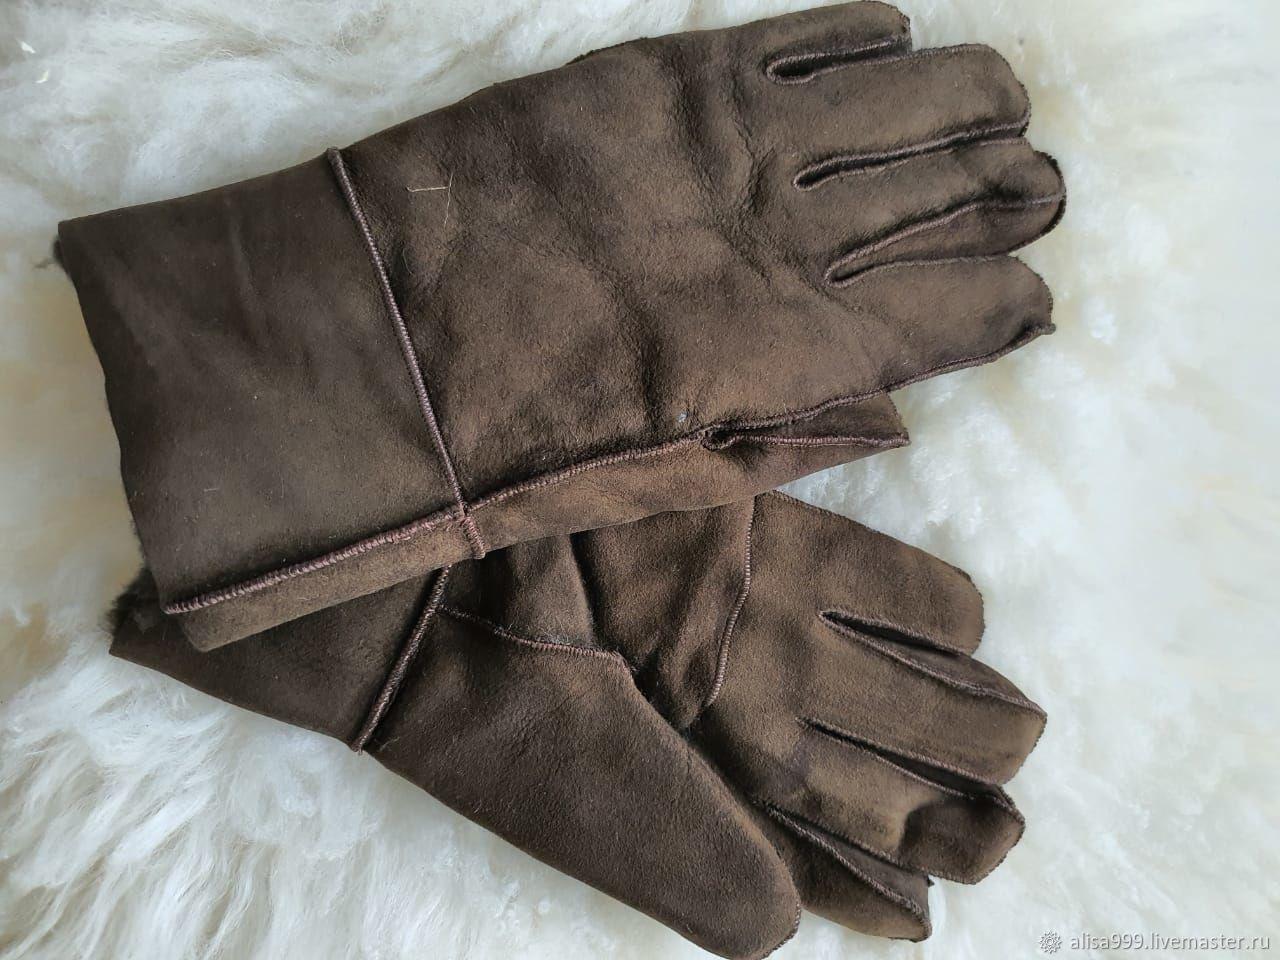 Кожаные перчатки из овчины мужские, хаки, Перчатки, Москва,  Фото №1